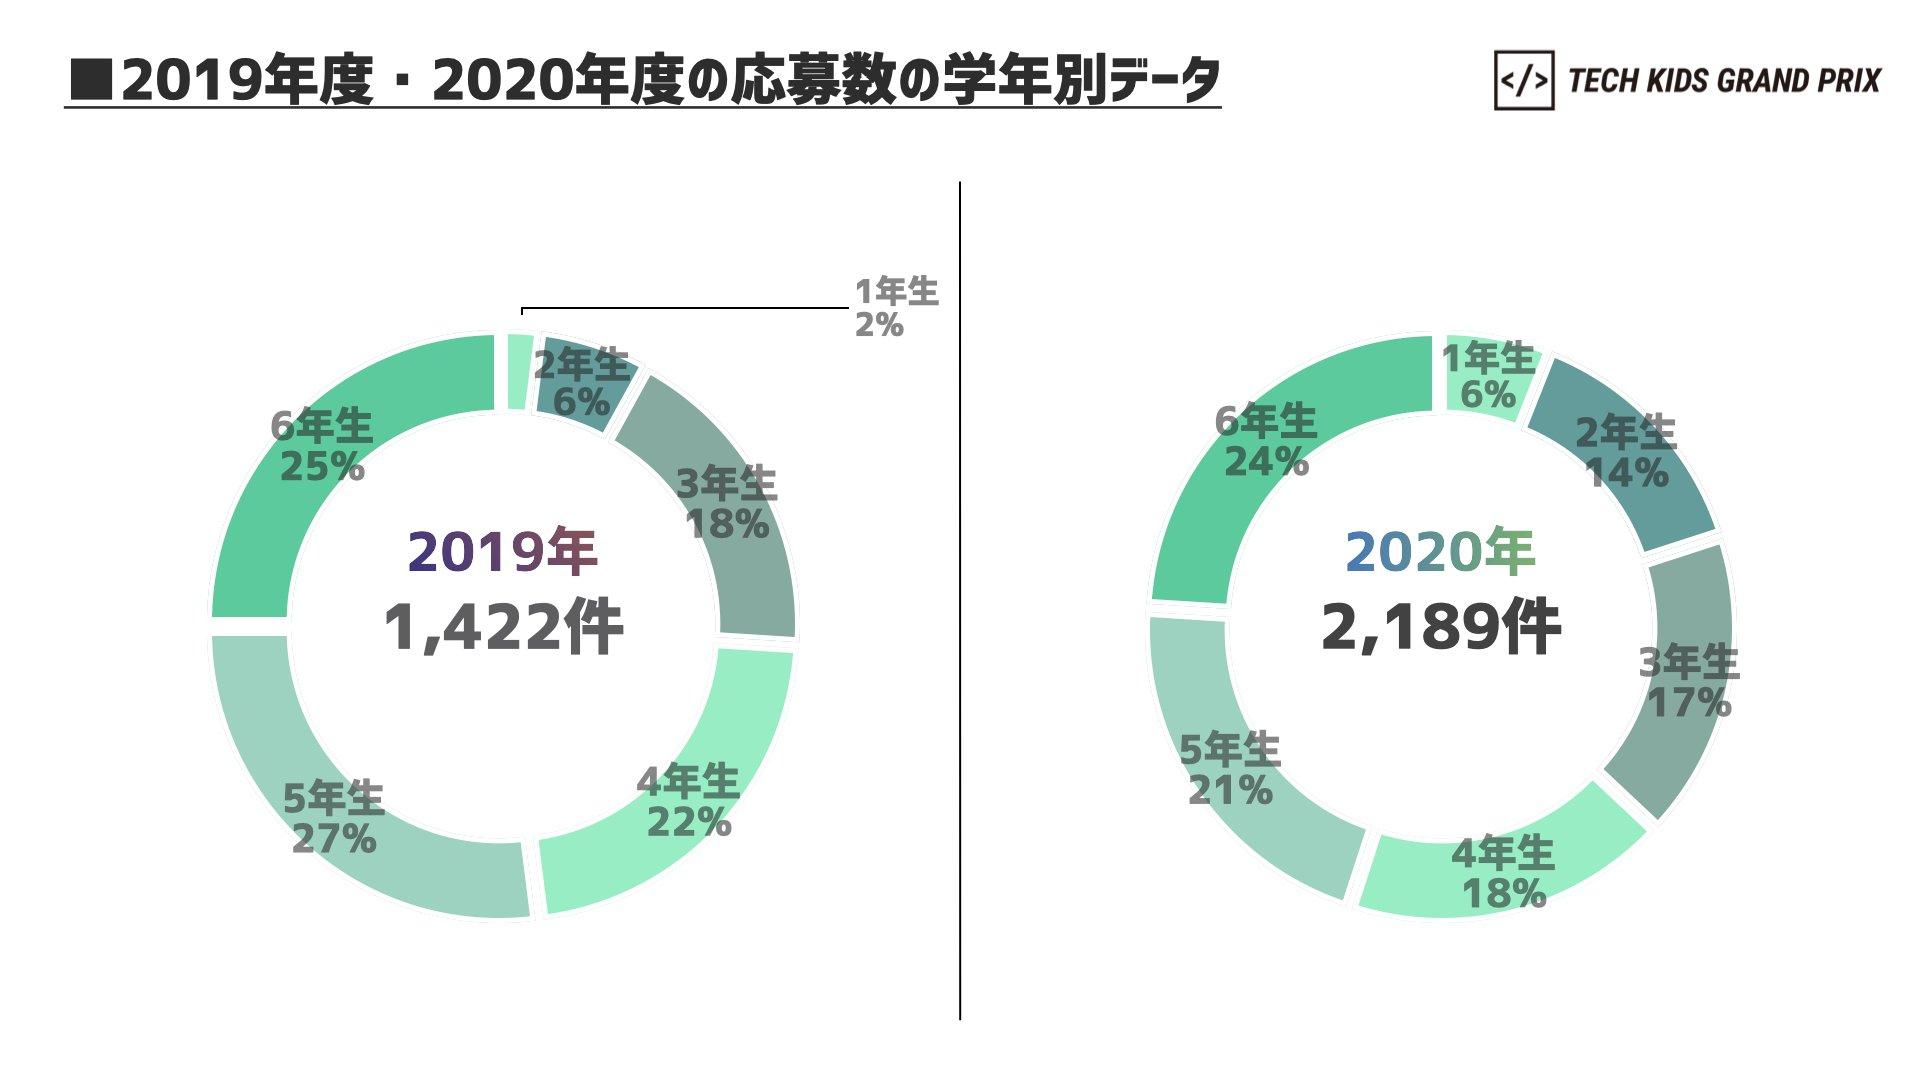 2019年度・2020年度の応募数の学年別データ